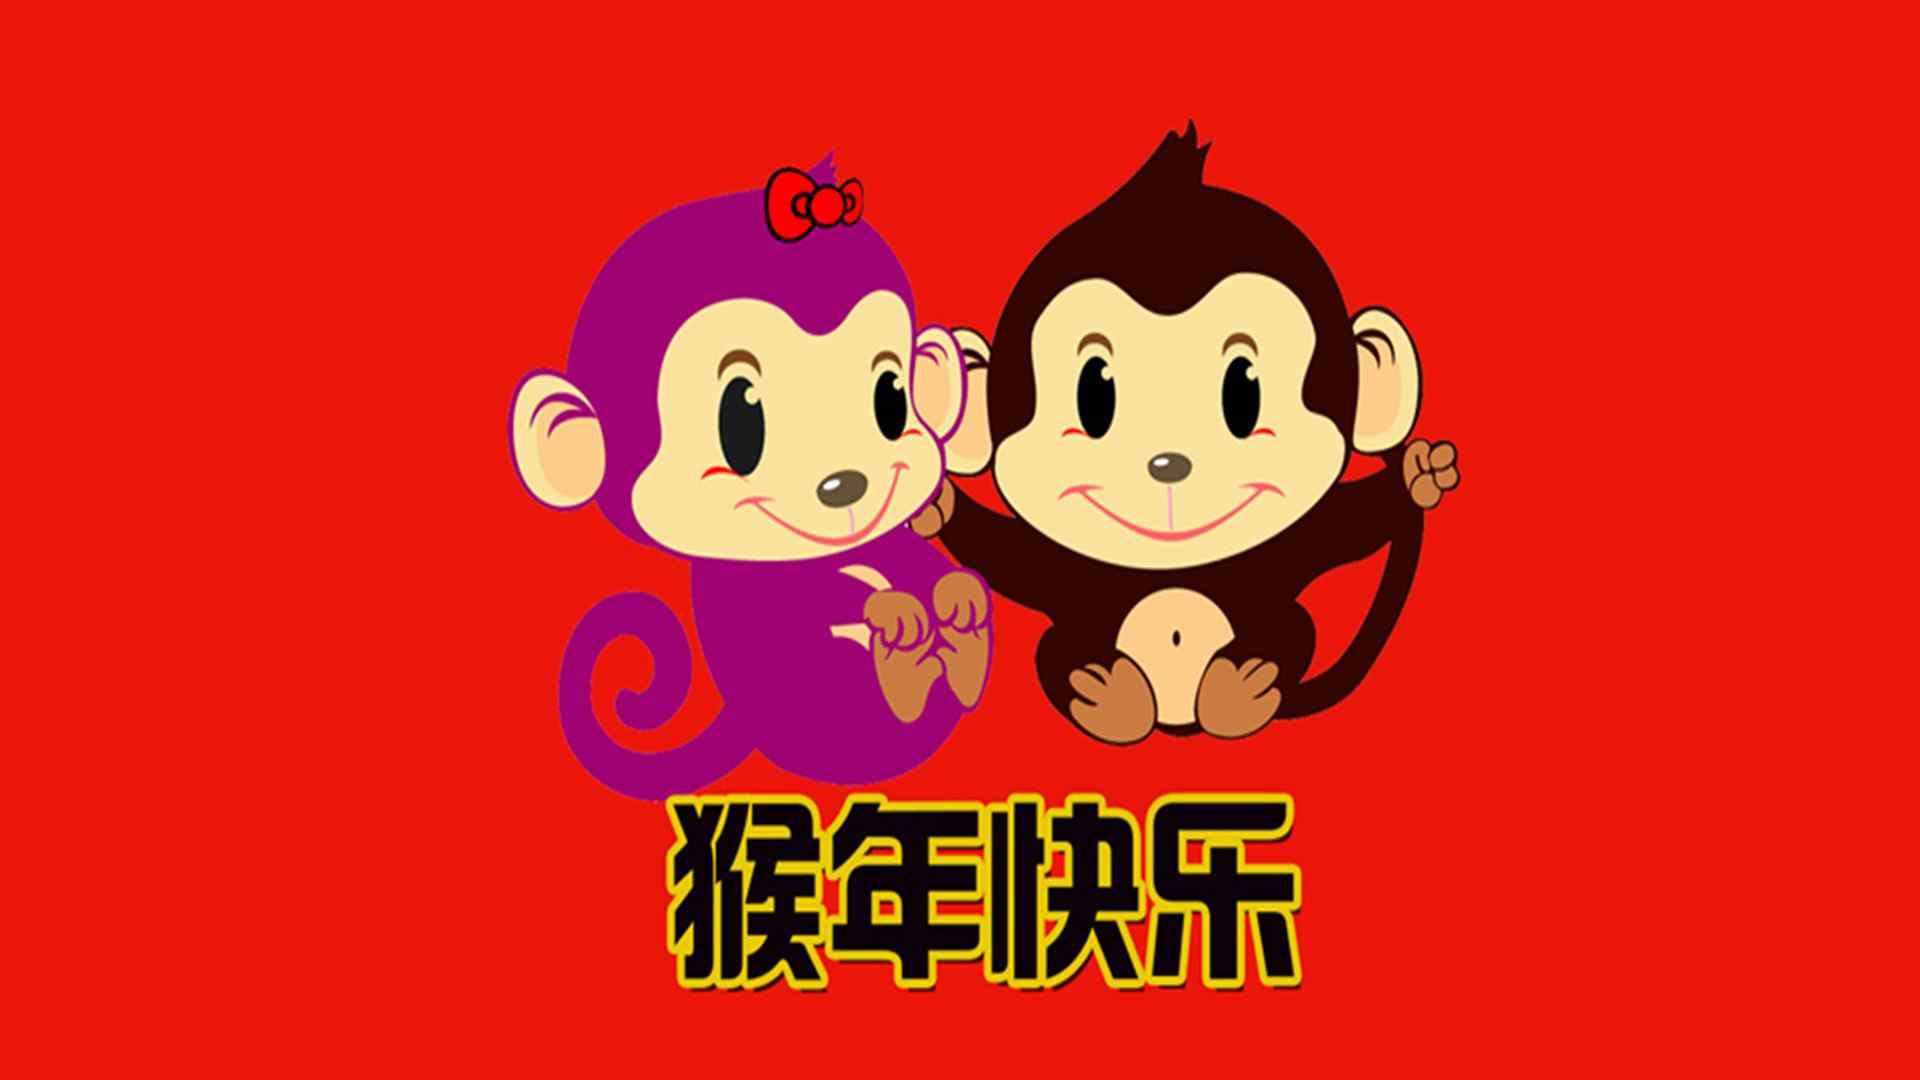 16年猴年贺岁祝福高清桌面壁纸图片2下载图片